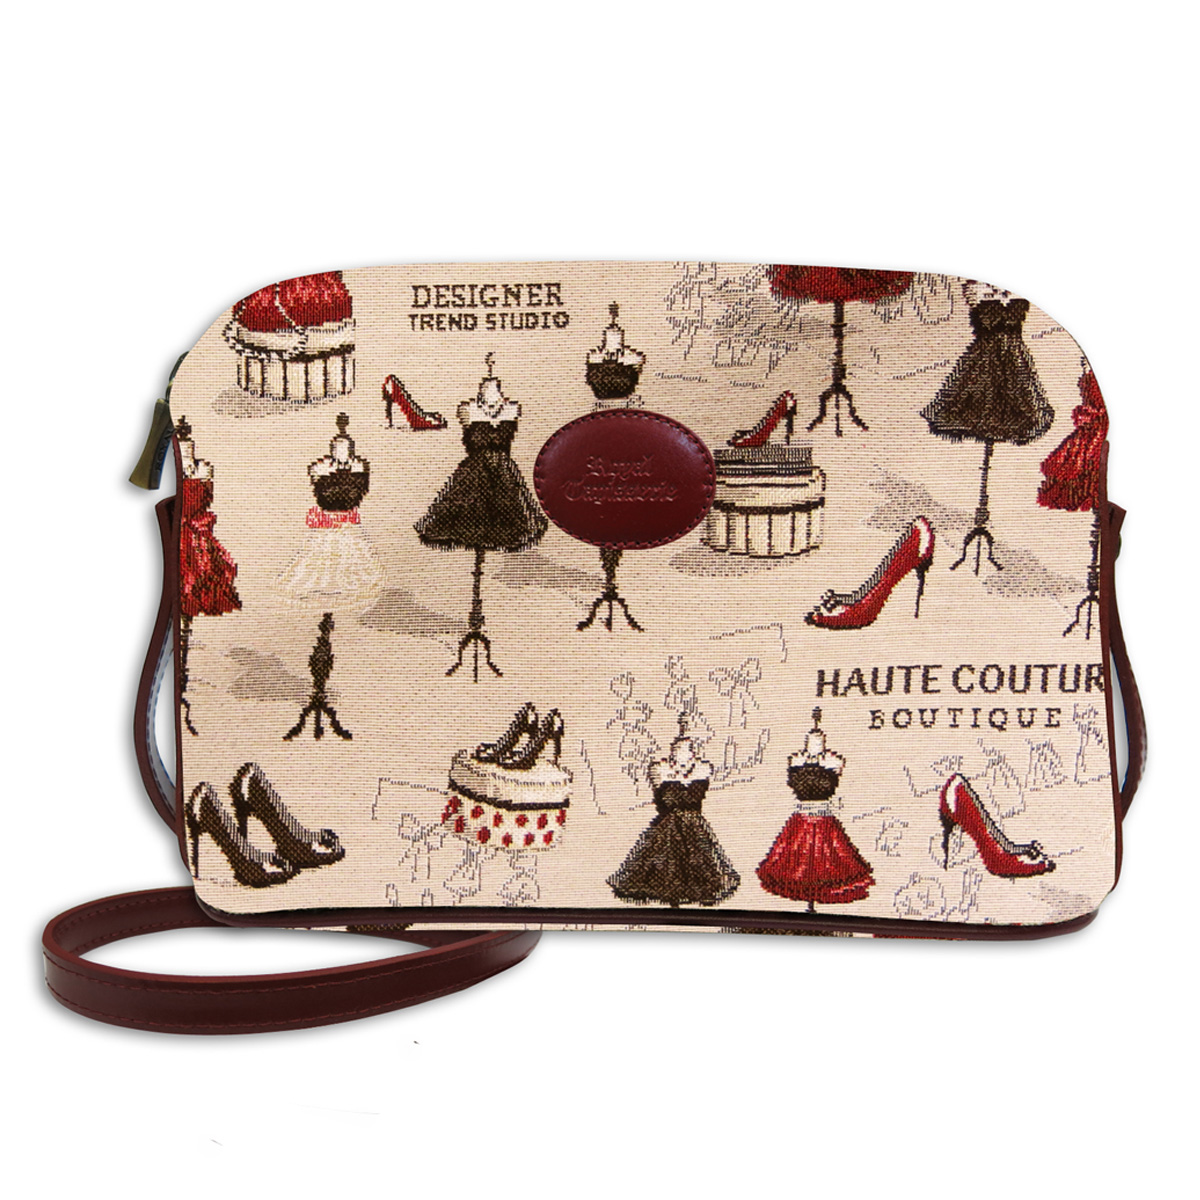 Sac bandoulière artisanal \'Royal Tapisserie\' beige rouge (Maison de Couture)  - 23x17x6 cm - [Q6310]